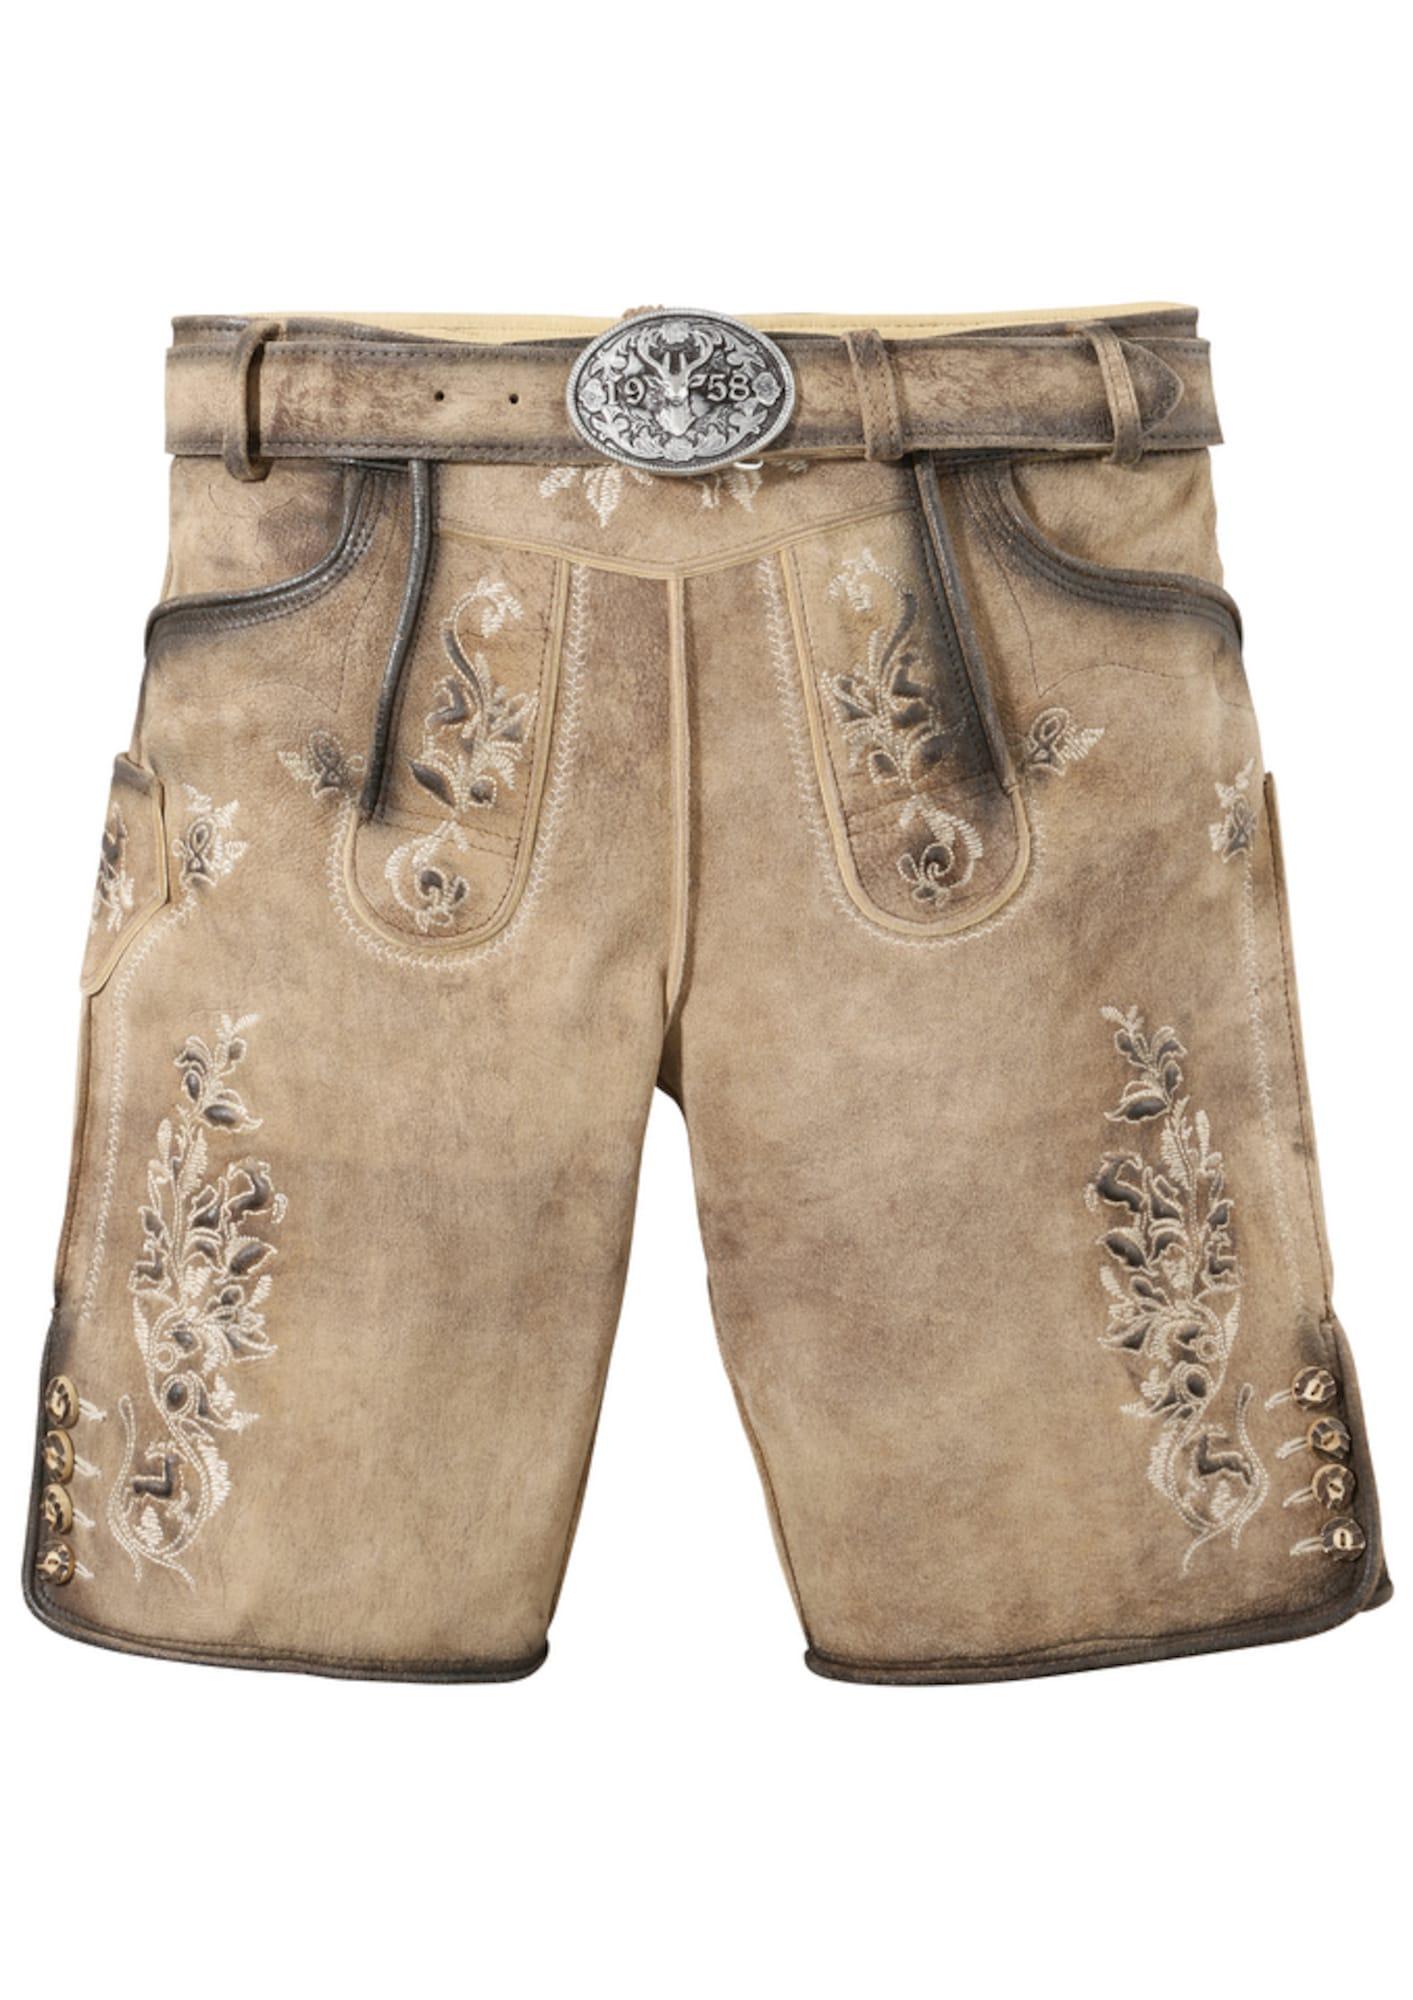 Trachtenlederhosekurz | Bekleidung > Hosen > Lederhosen | Krüger Buam